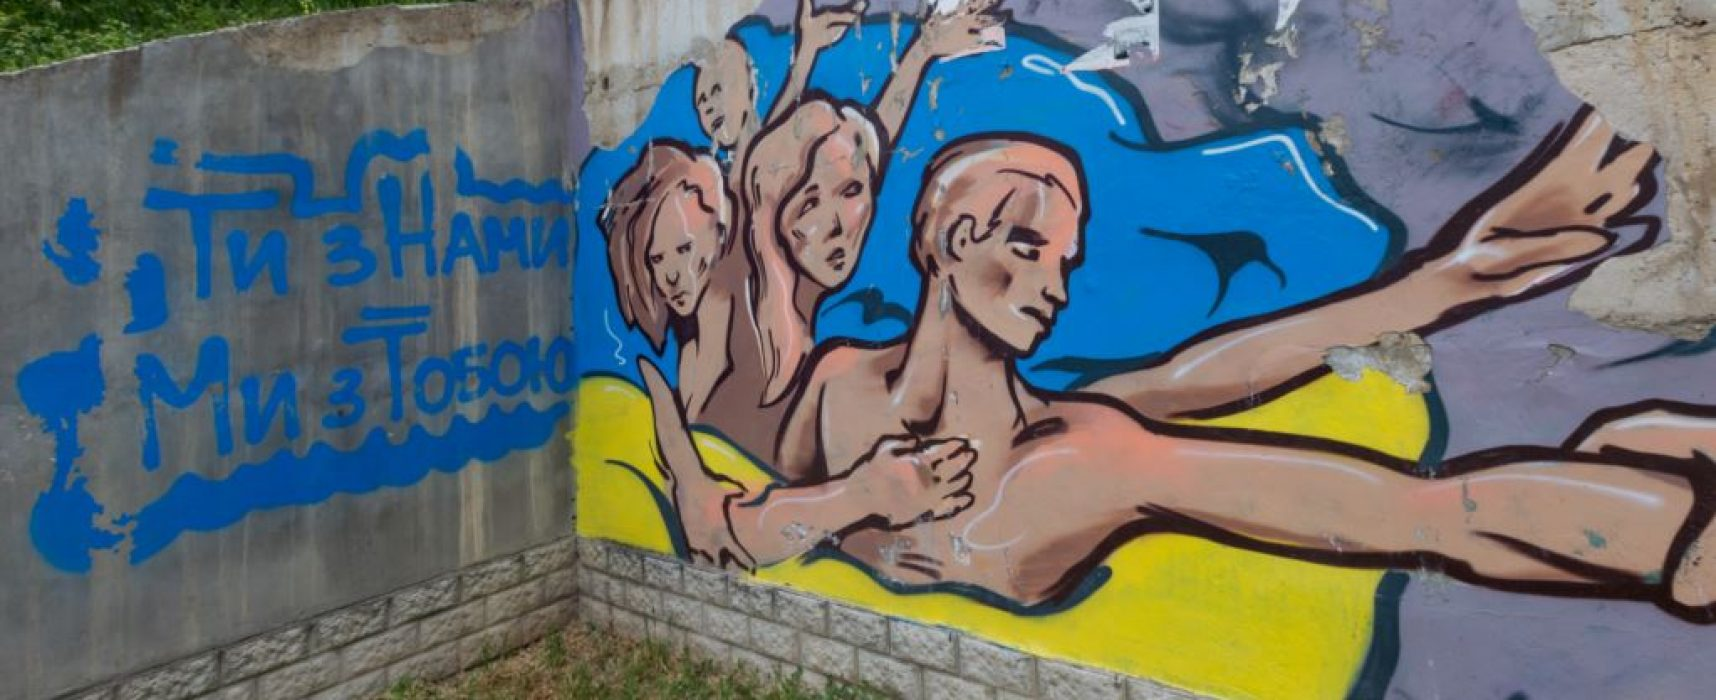 Pawieł Kazarin: Macie prawo zachować milczenie